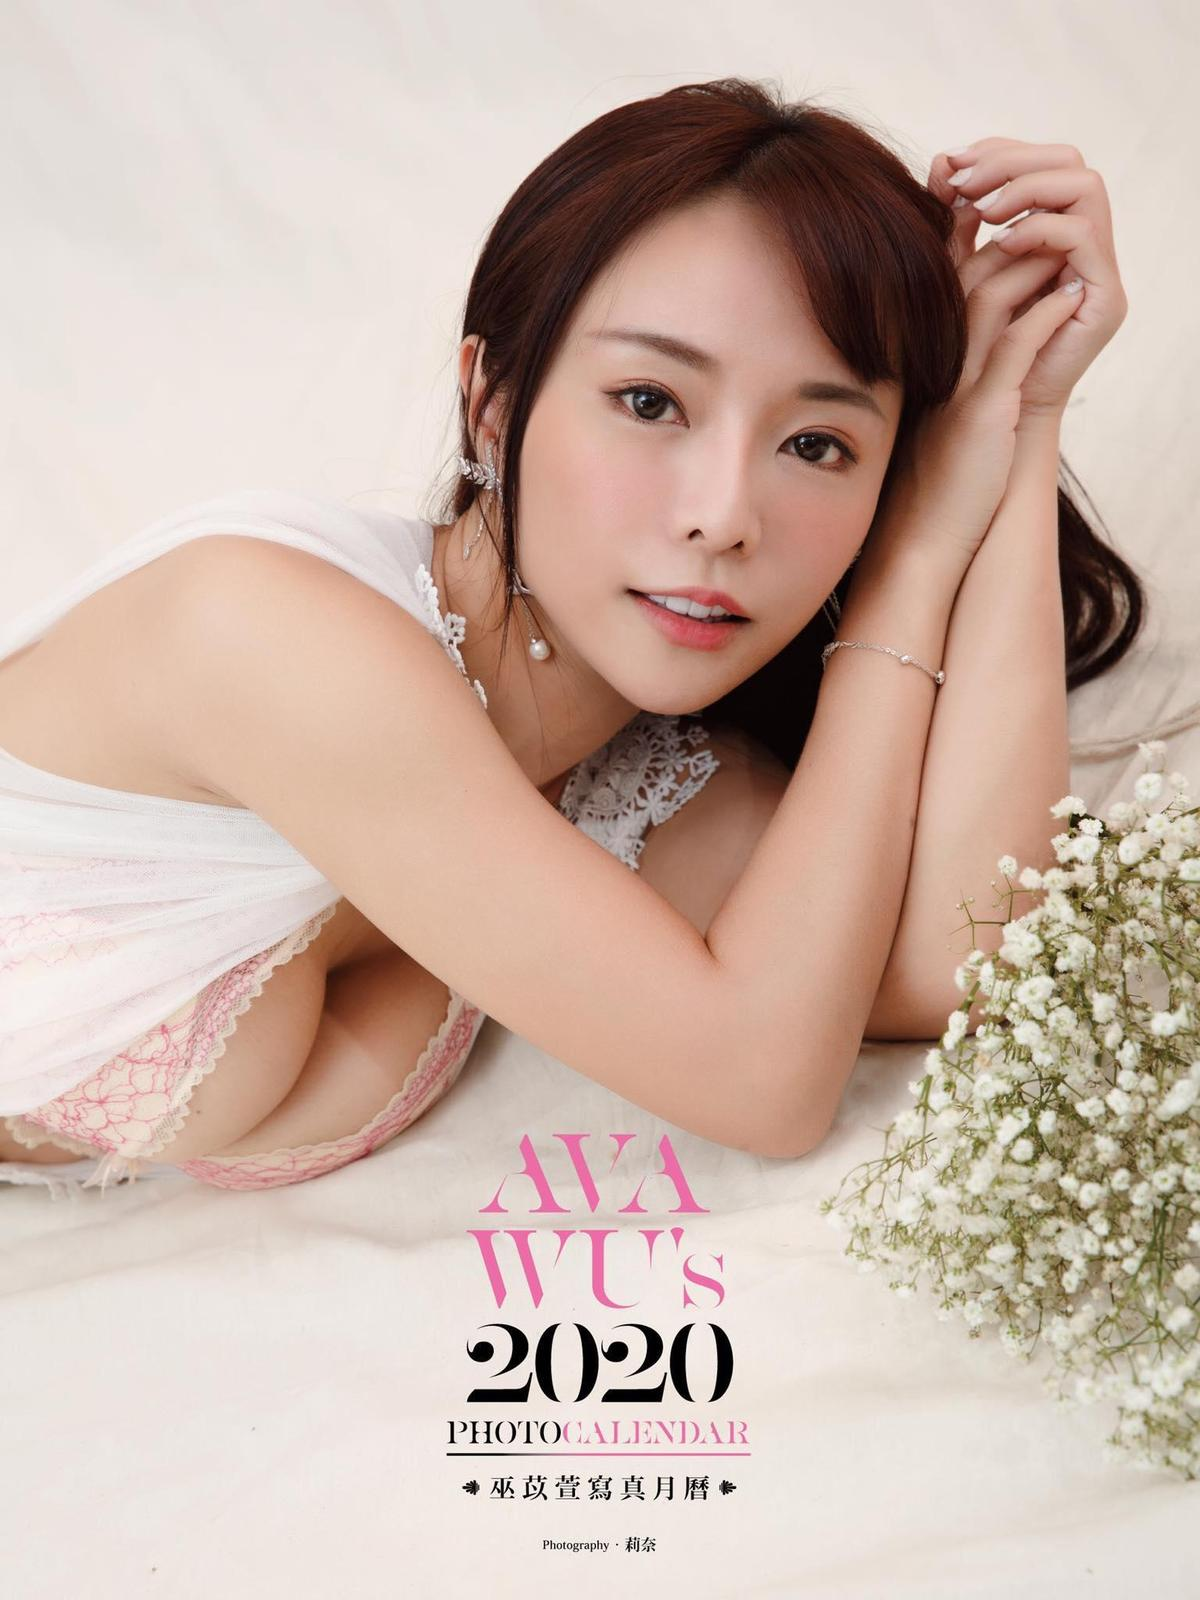 巫苡萱日前發行2020年寫真月曆,擁有蜜桃翹臀和犯規水蛇腰的她,是男人心目中的完美小隻馬。(翻攝自巫苡萱臉書)